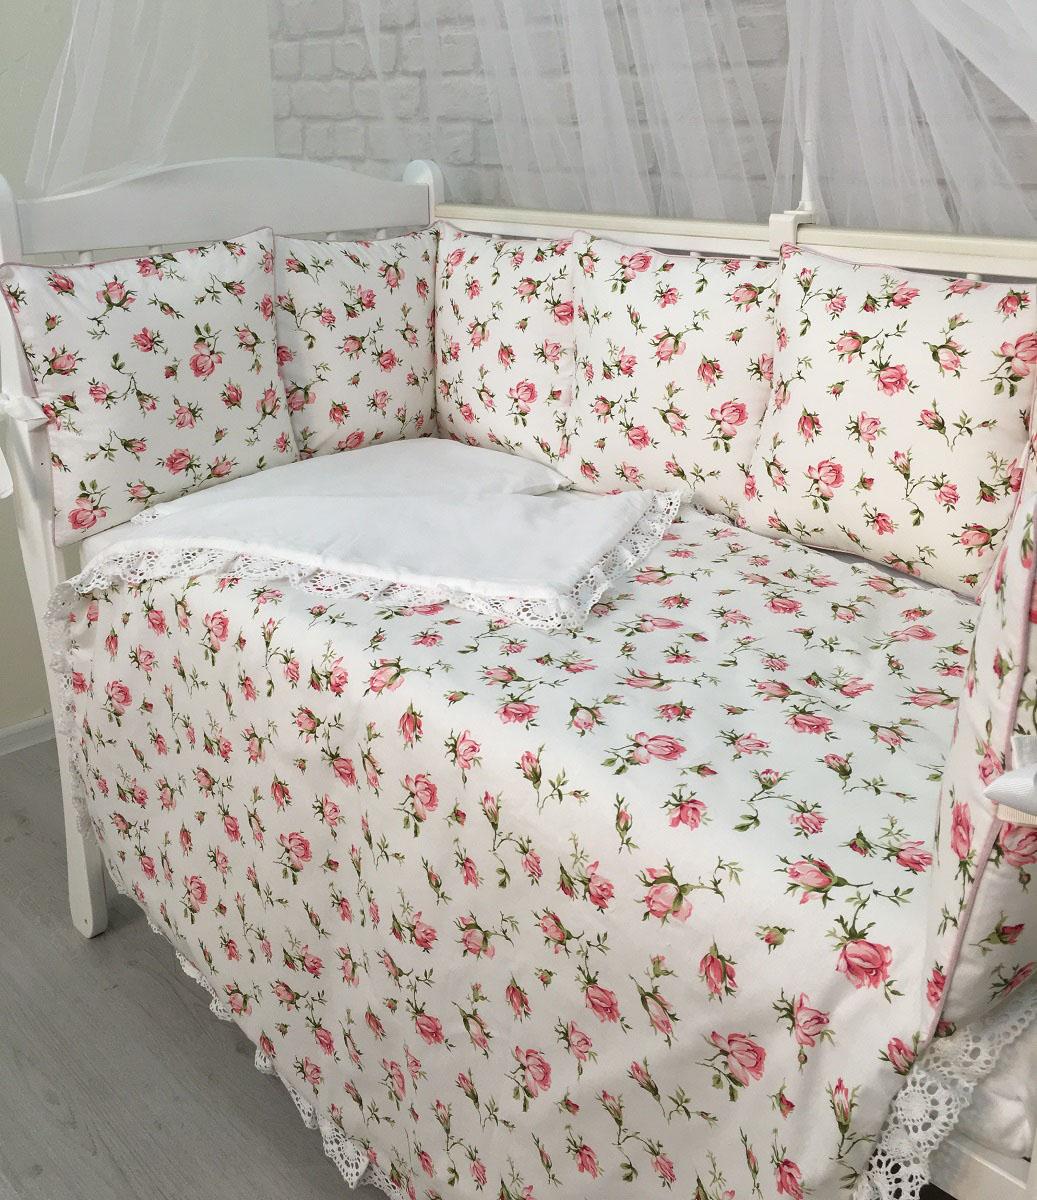 """Комплект """"Розы"""" произведен 100 % хлопка. Розочки делают комплект нежным и очень девчачьим. Набор подходит для кроваток с размерами 60 х 120 см и 65 х 125 см. Все чехлы на бортиках съемные с потайной молнией. В наборе: подушка-бортик 34 х 34 см - 12 шт., подушка для малыша 30 х 45 см - 1 шт., наволочка 30 х 45 см - 1 шт., простыня на резинке -1 шт., плед 100 х 120 см.  Состав: ткань 100% хлопок, наполнитель холлофайбер. Перед первым применением необходимо постирать. Уход: бережная стирка."""